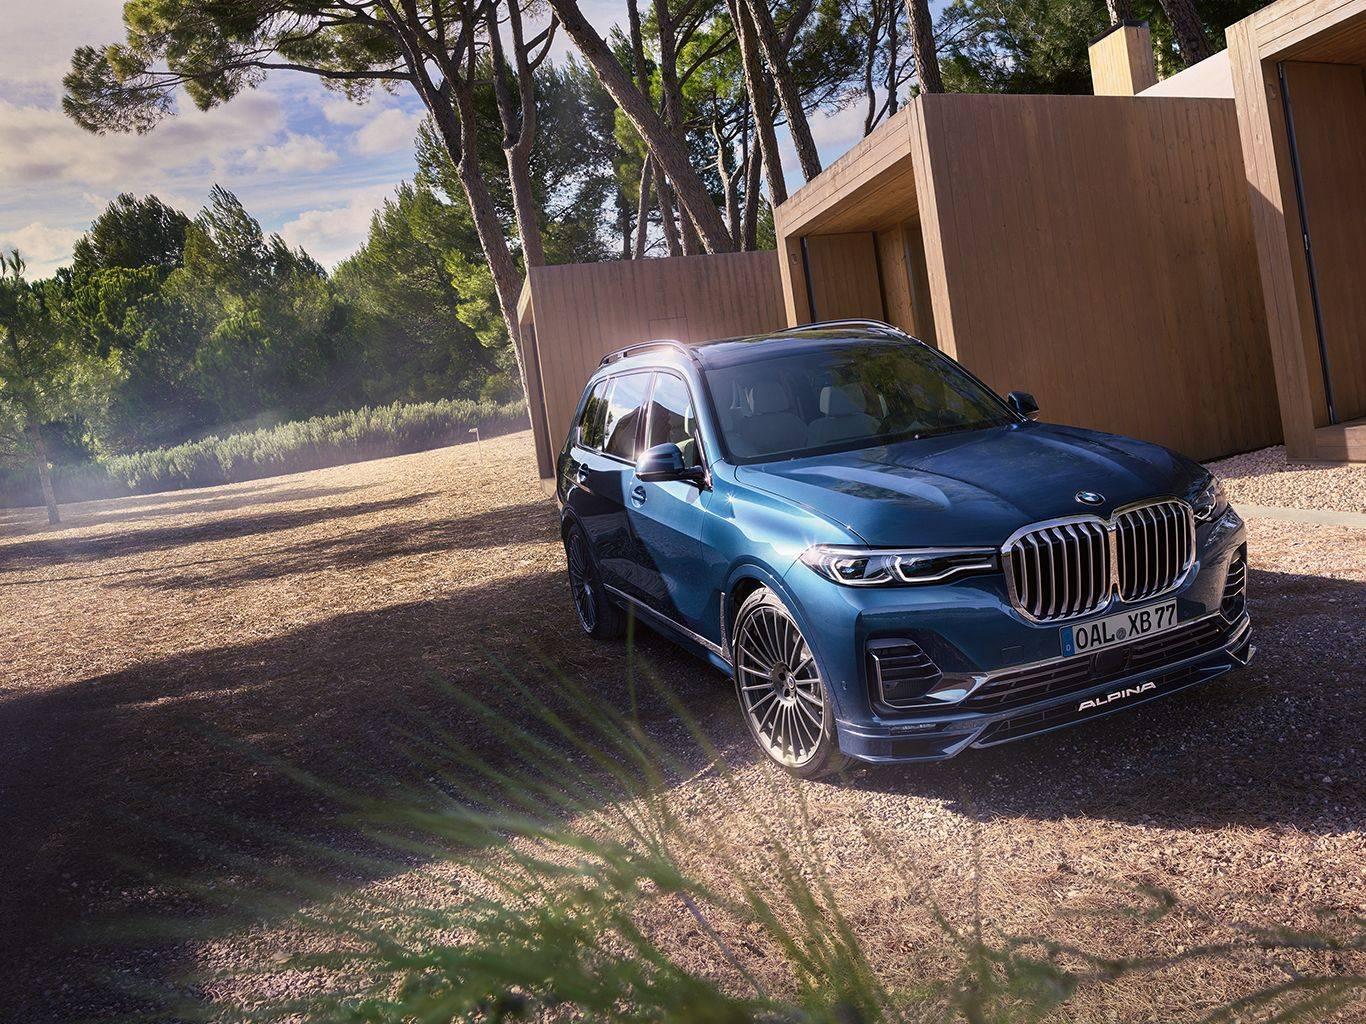 BMW ALPINA XB7 для приключений первого класса 3